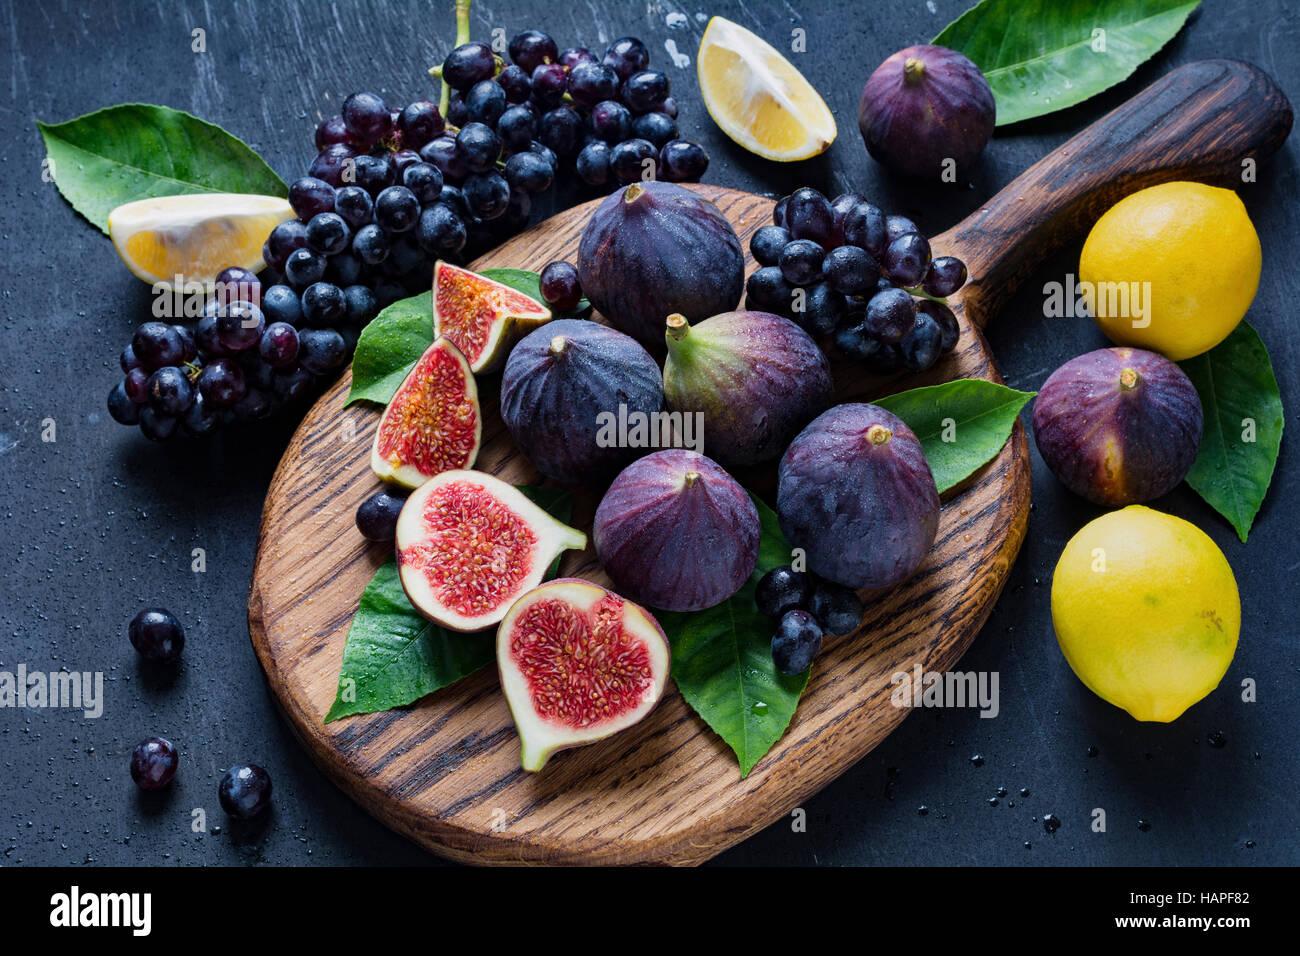 Frische Feigen, schwarzen Trauben und Zitronen. Frisches Obst-Sorte auf Holzbrett Stockbild